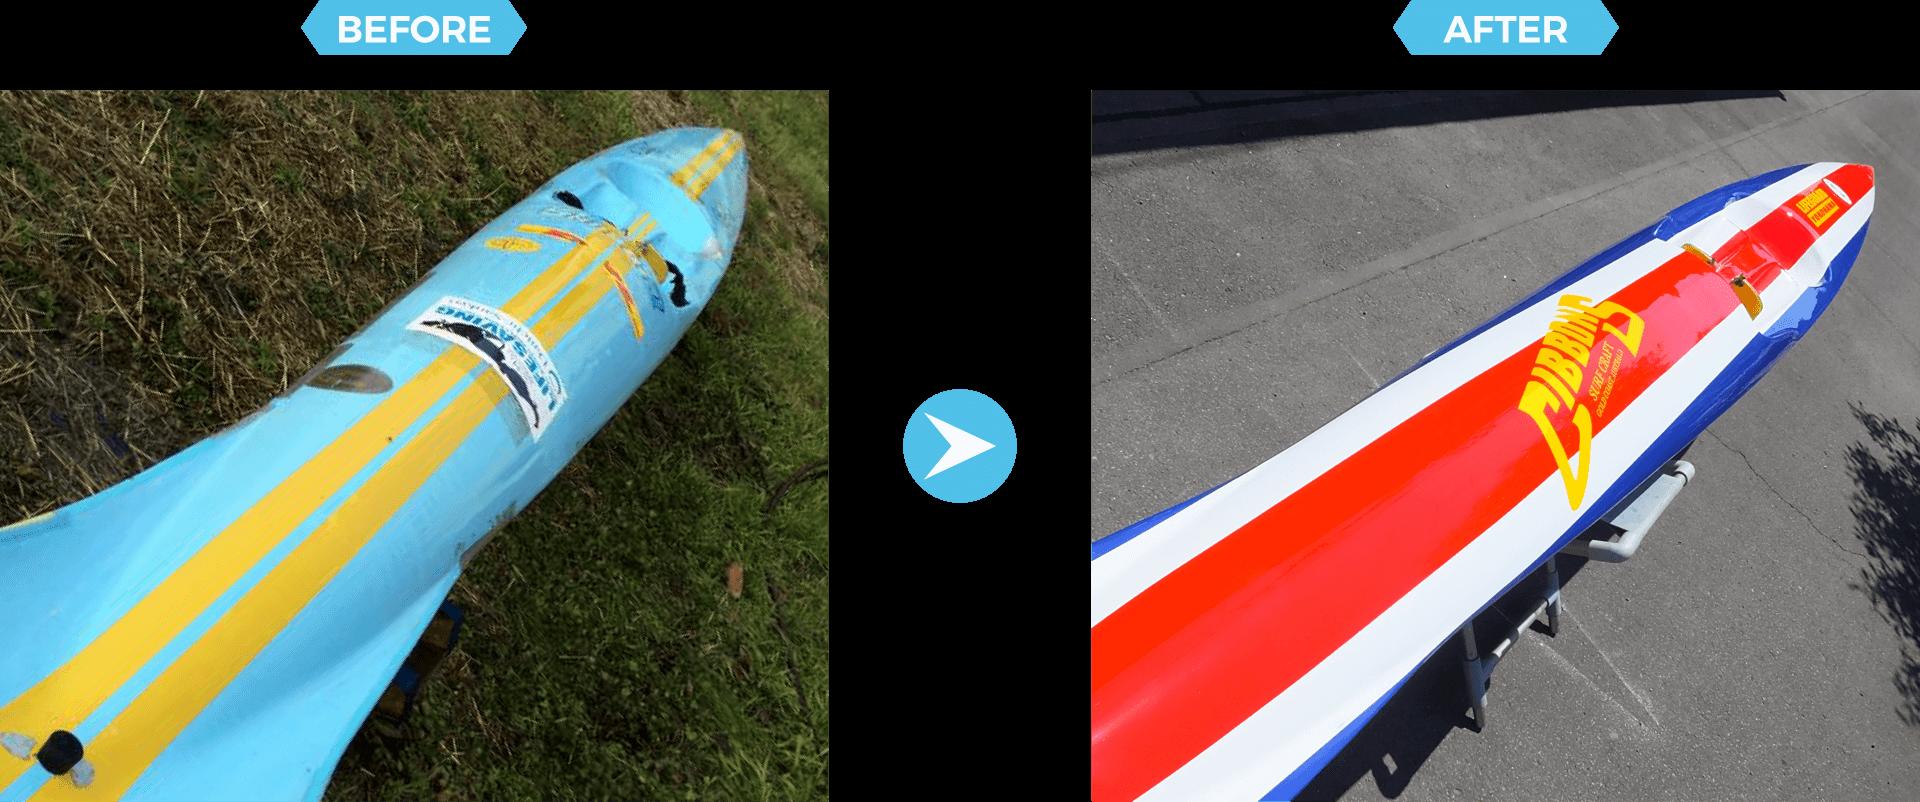 SurfSki_Repair_B_A_cut_mini